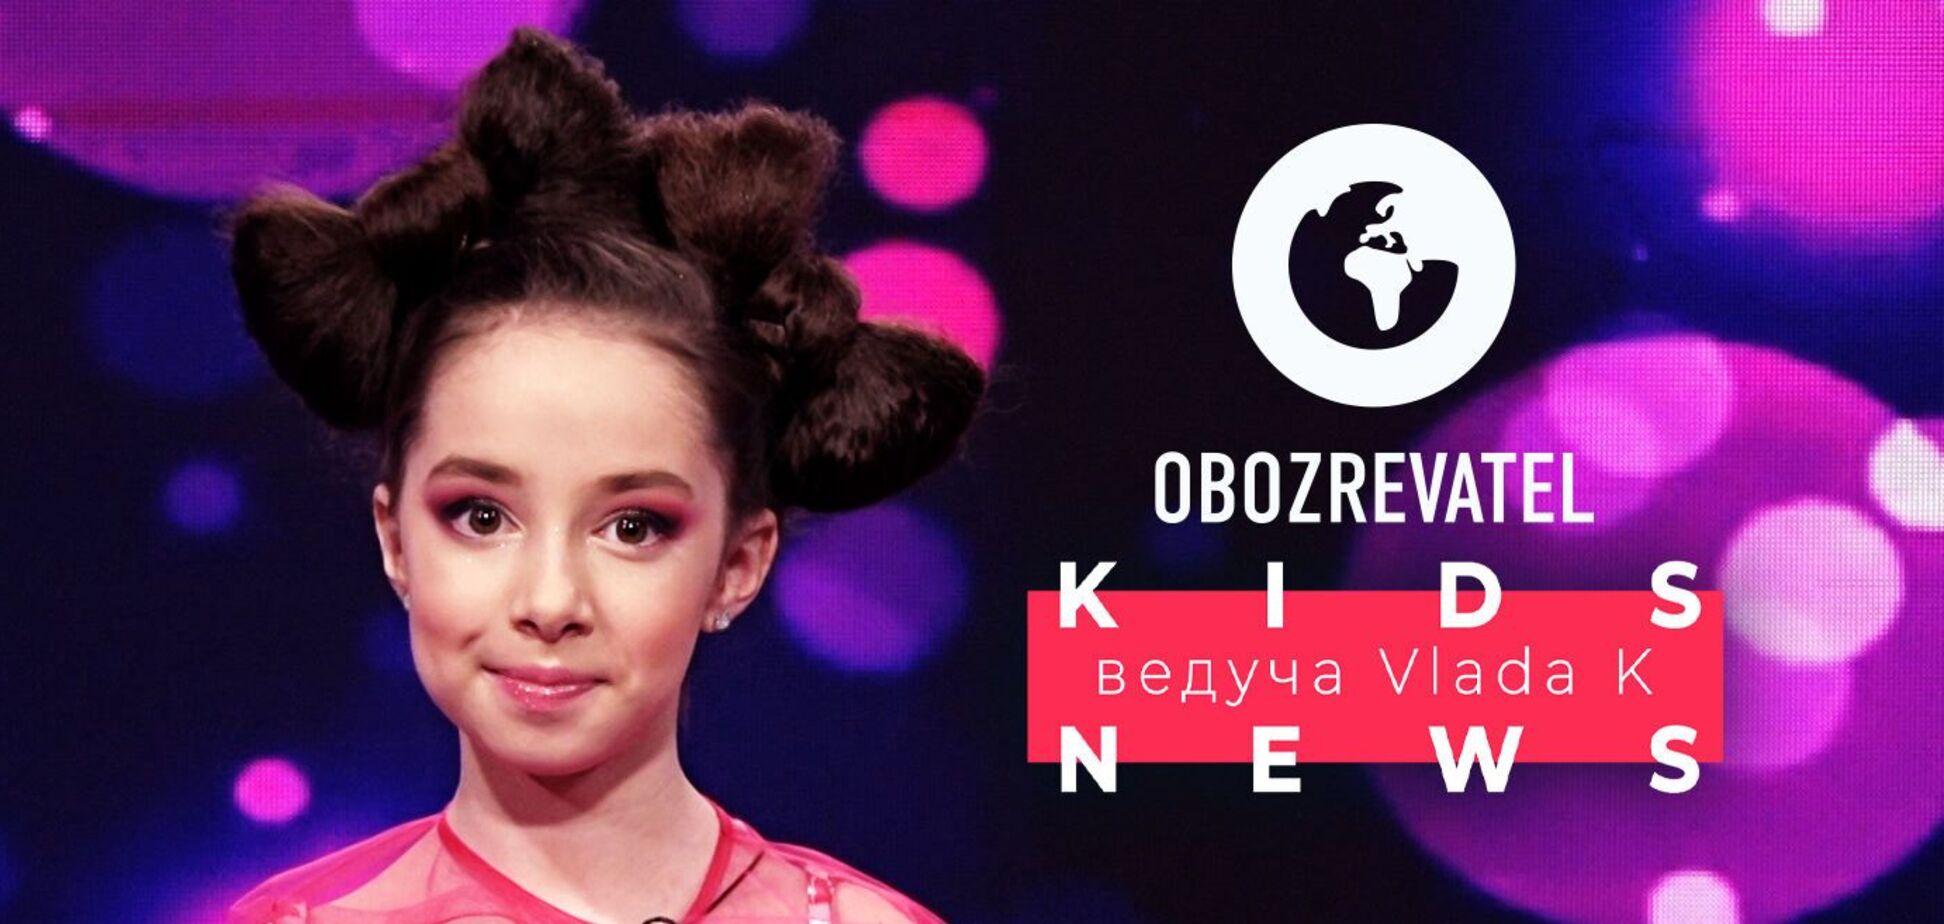 Сын Виктории Бекхэм впервые на обложке глянца – Kids News с Vlada K